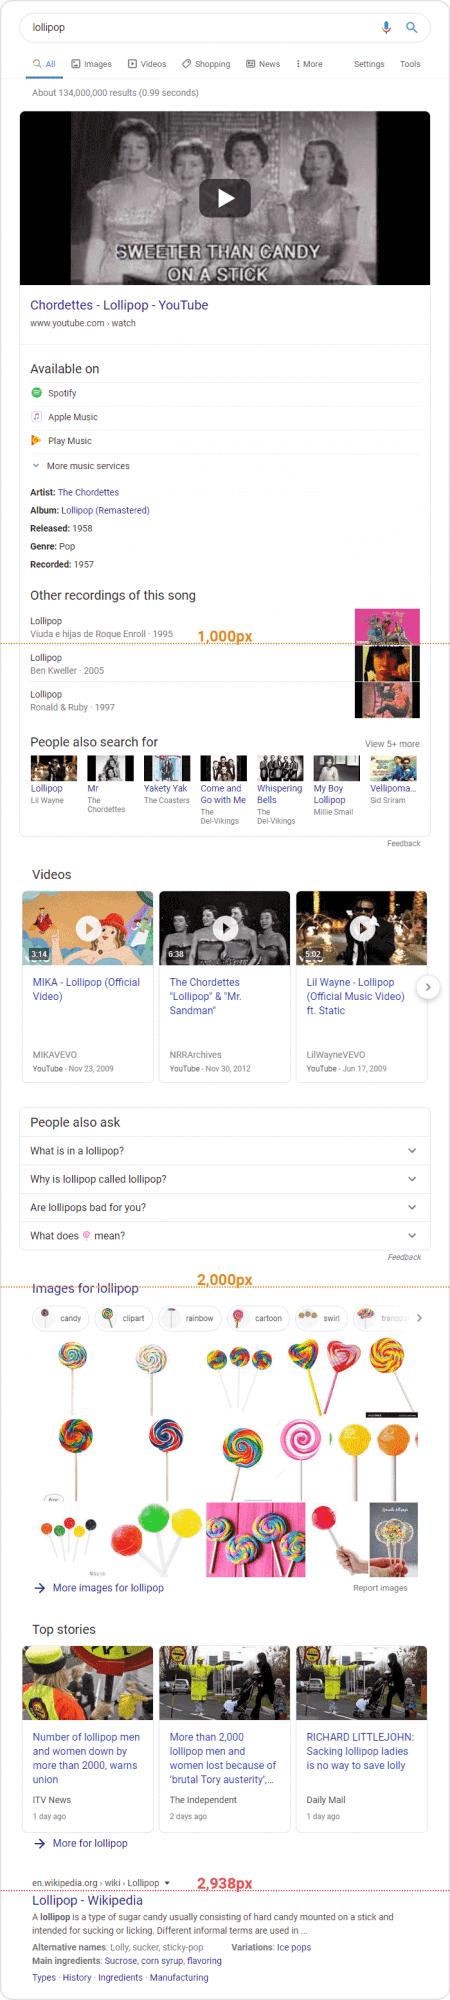 Исследование Moz: как низко в выдаче Google может располагаться ТОП 1